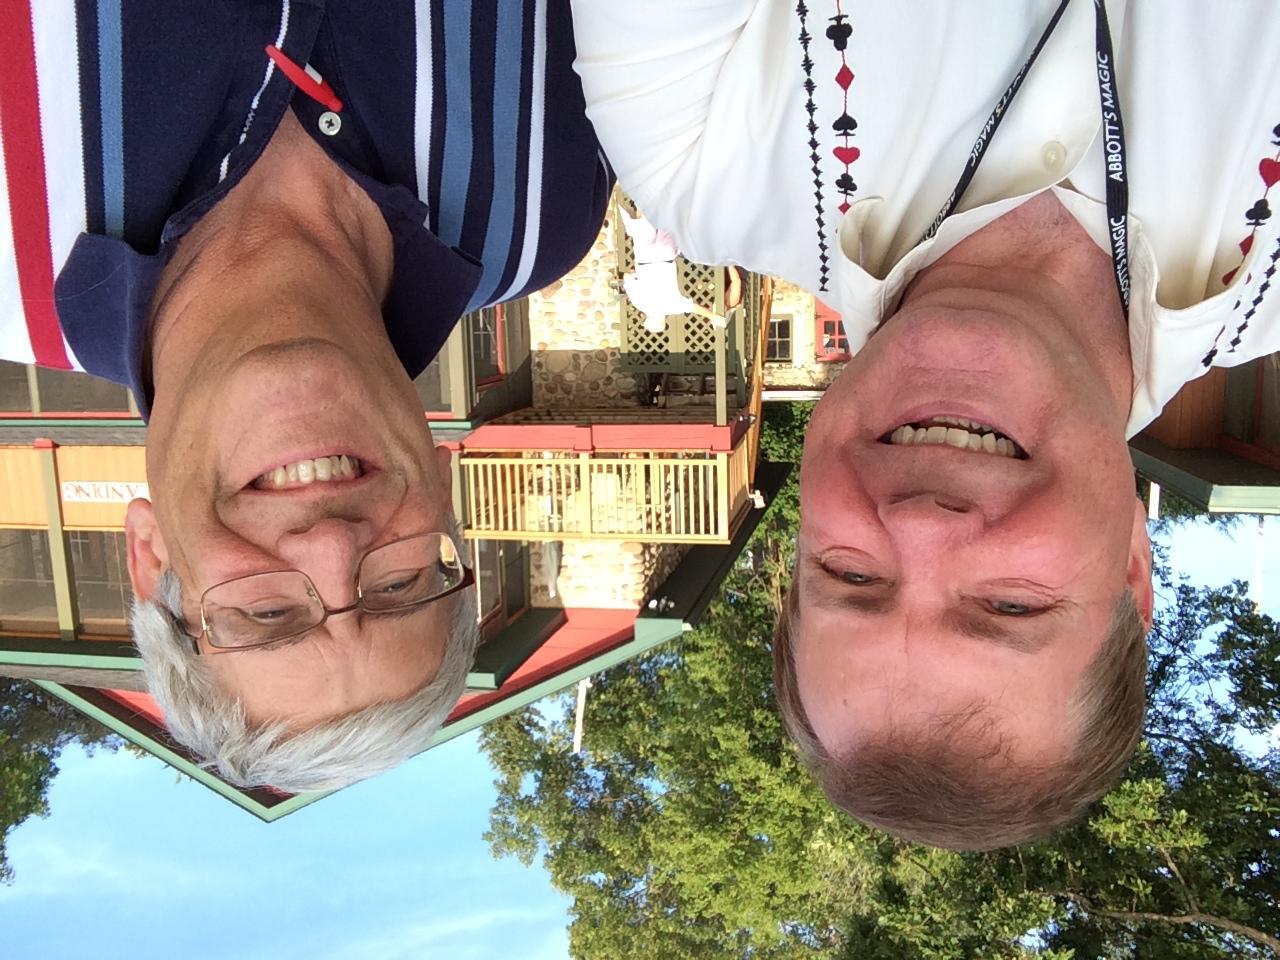 Scott with Greg Bordner